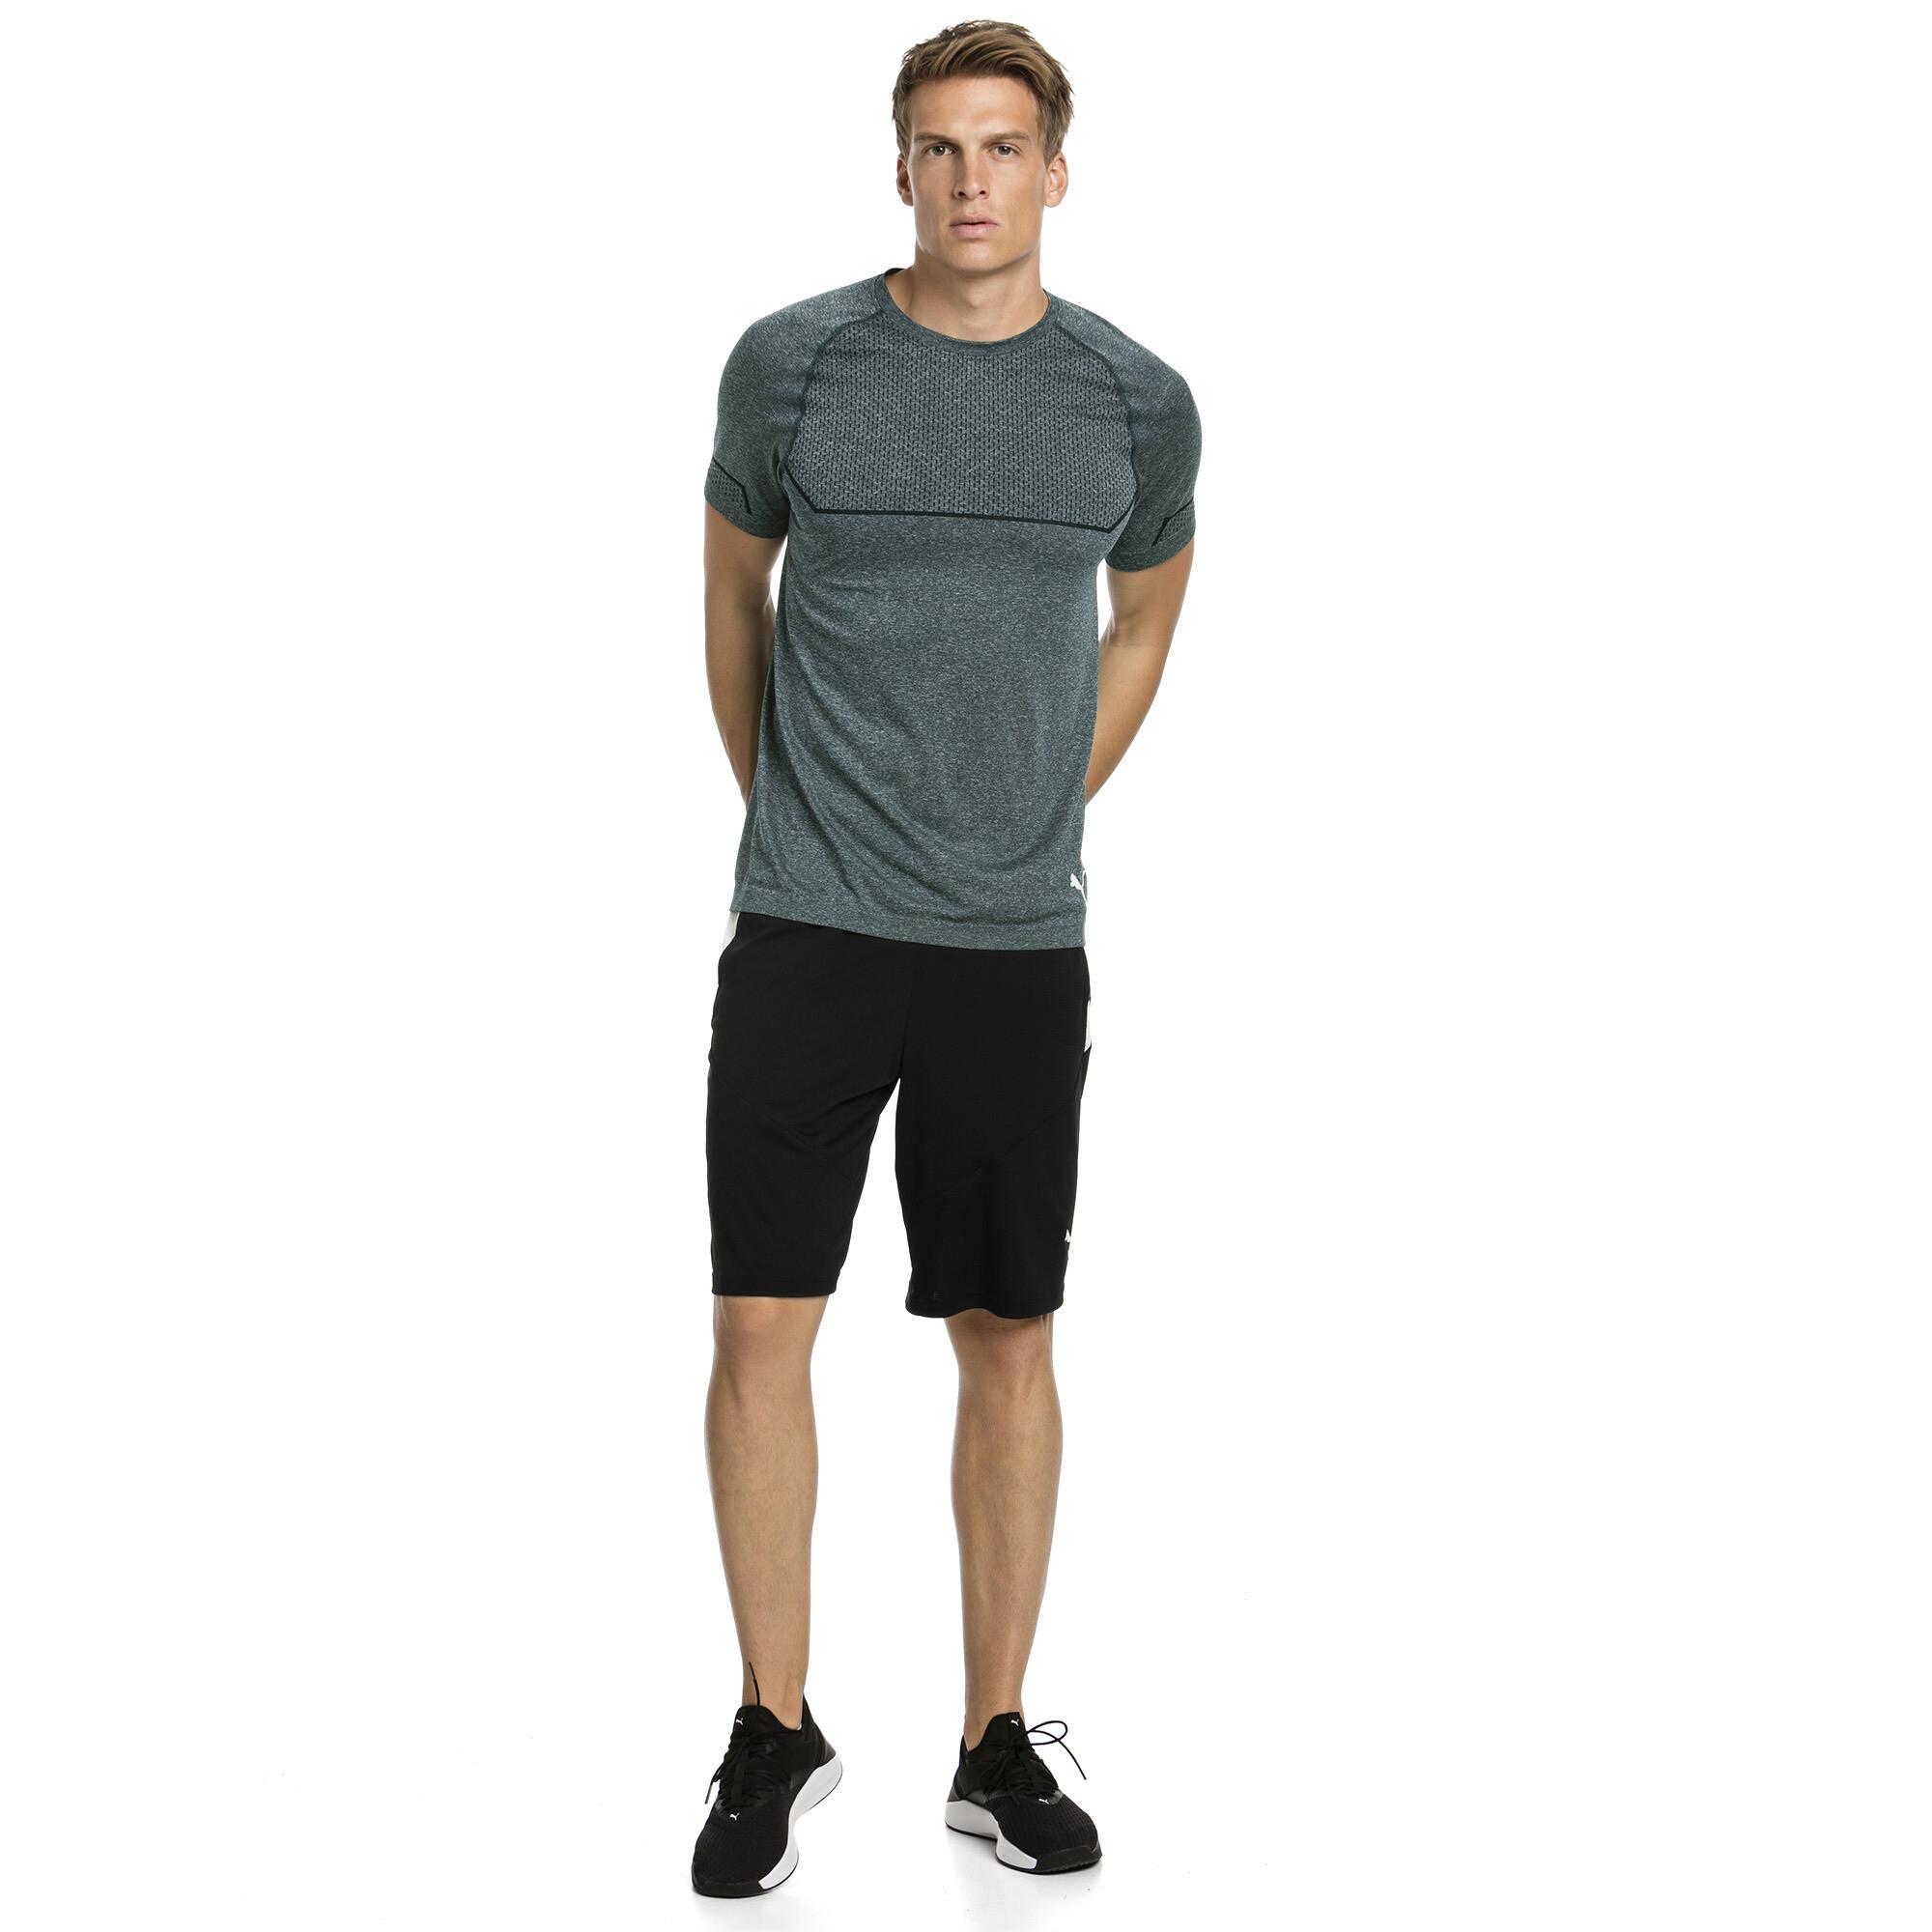 Image Puma Energy Knitted Men's Training Shorts #3